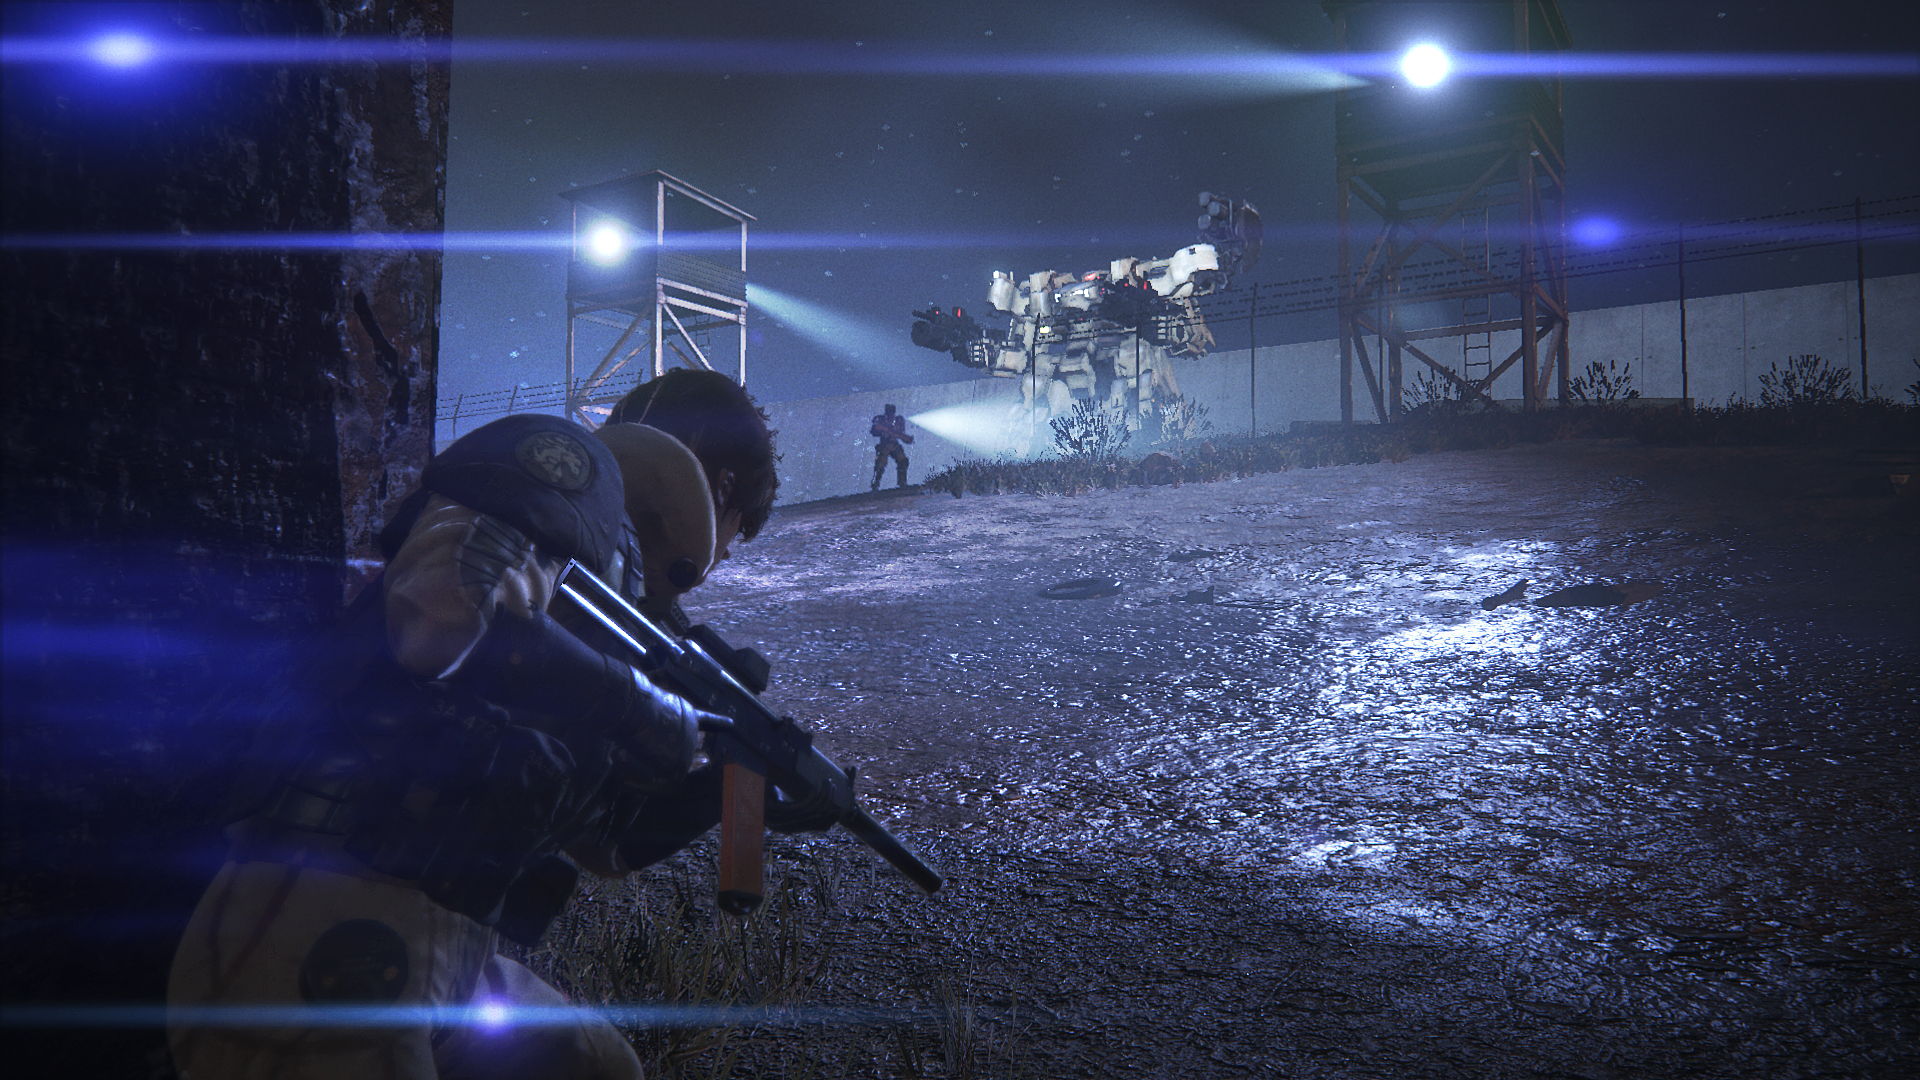 Zkázu způsobující invaze v novém traileru na Left Alive